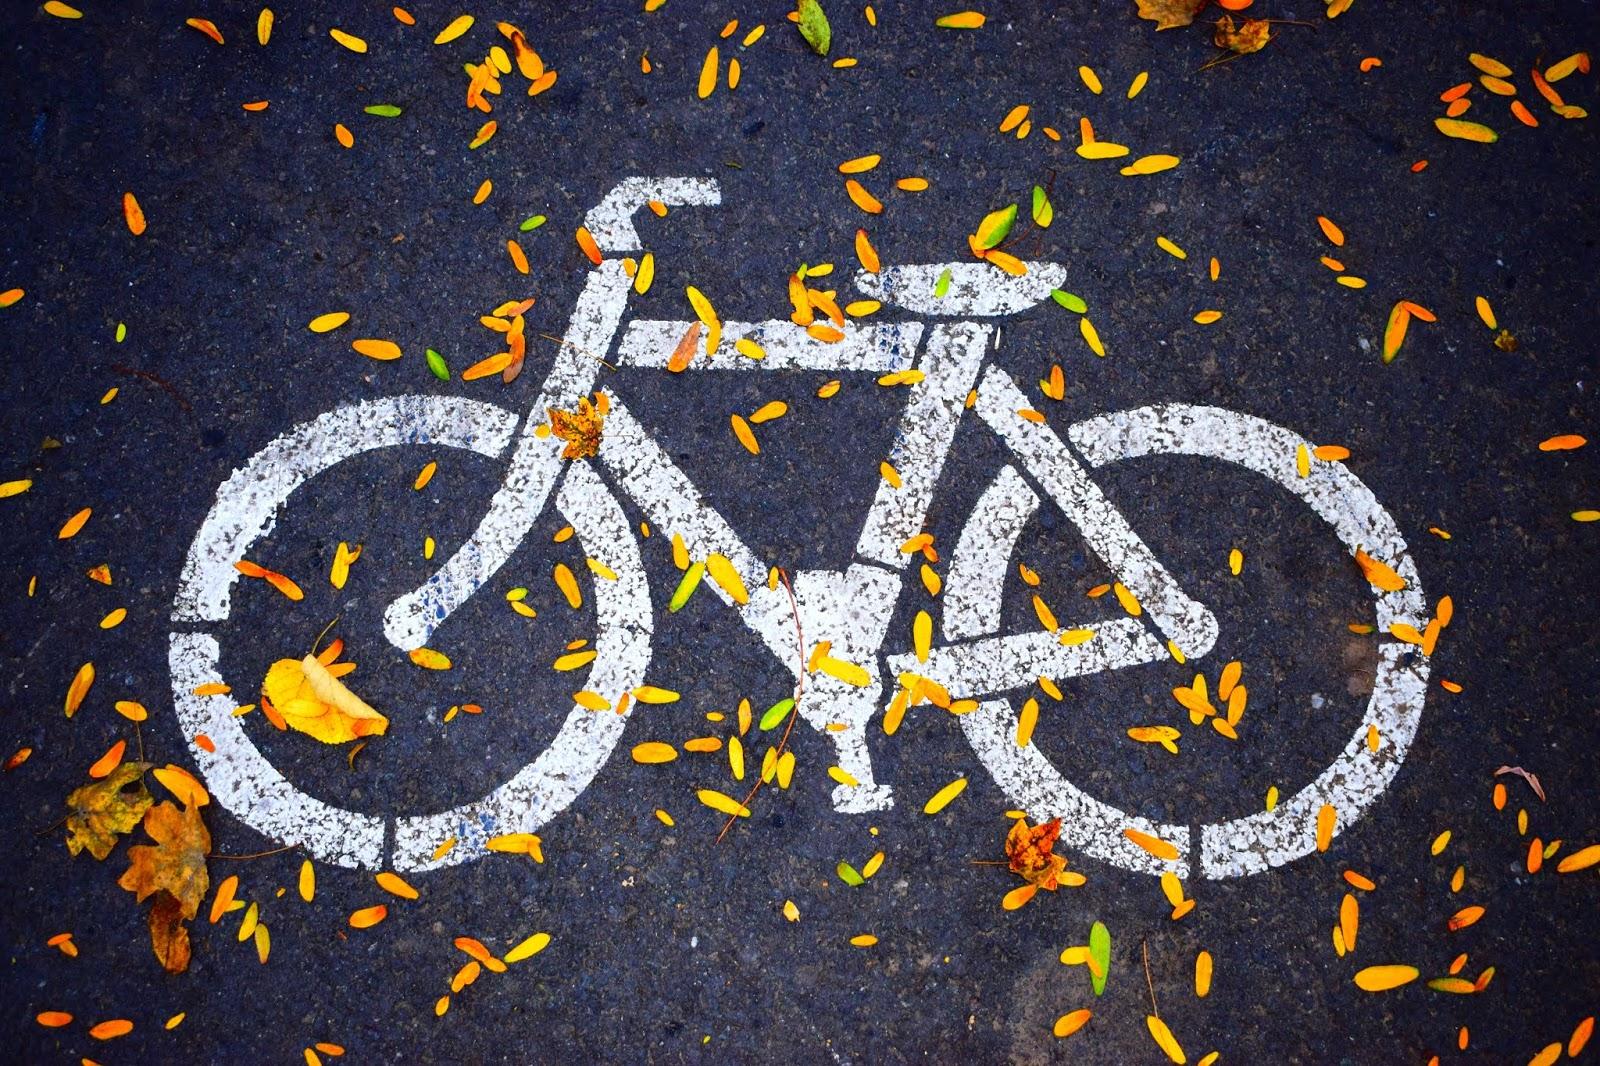 Einfach geht anders: Mehr als 10 Arten von Wegen für Radfahrer – Kennt ihr alle?